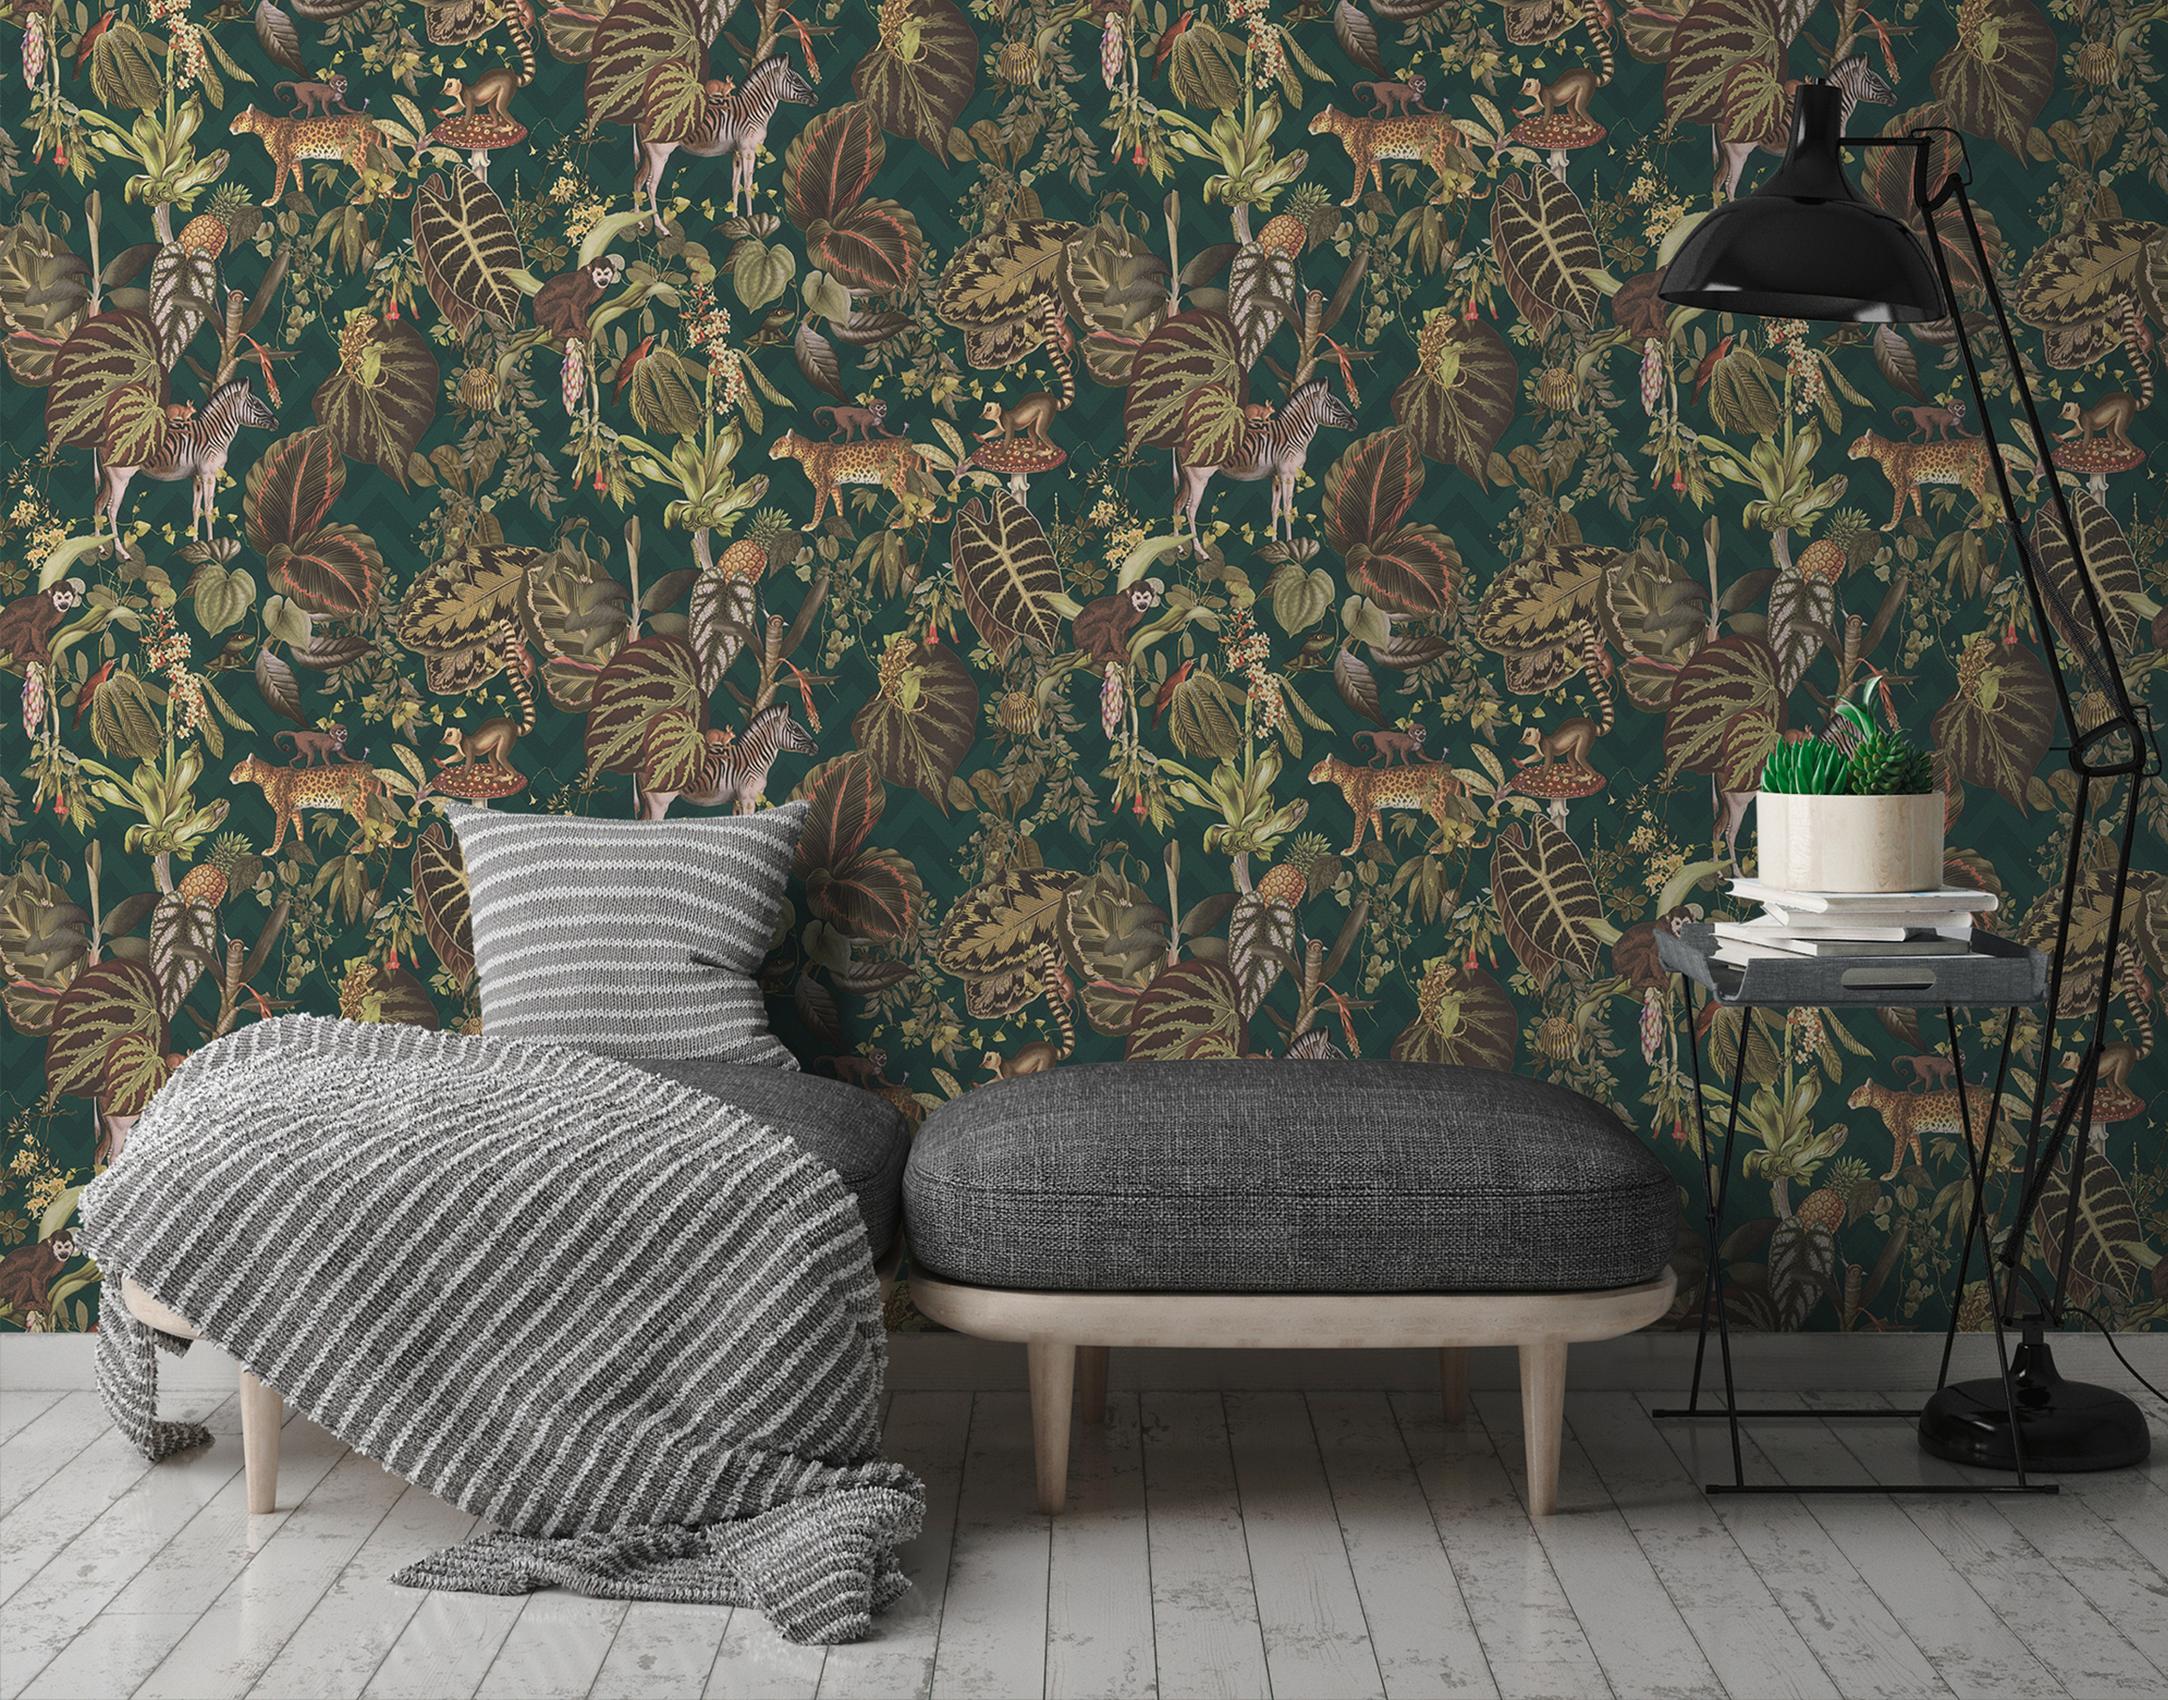 Dschungeltapete im Wohnzimmer, wilde Natur und Tier-Motive von Michalsky Living, Artikel AS379902